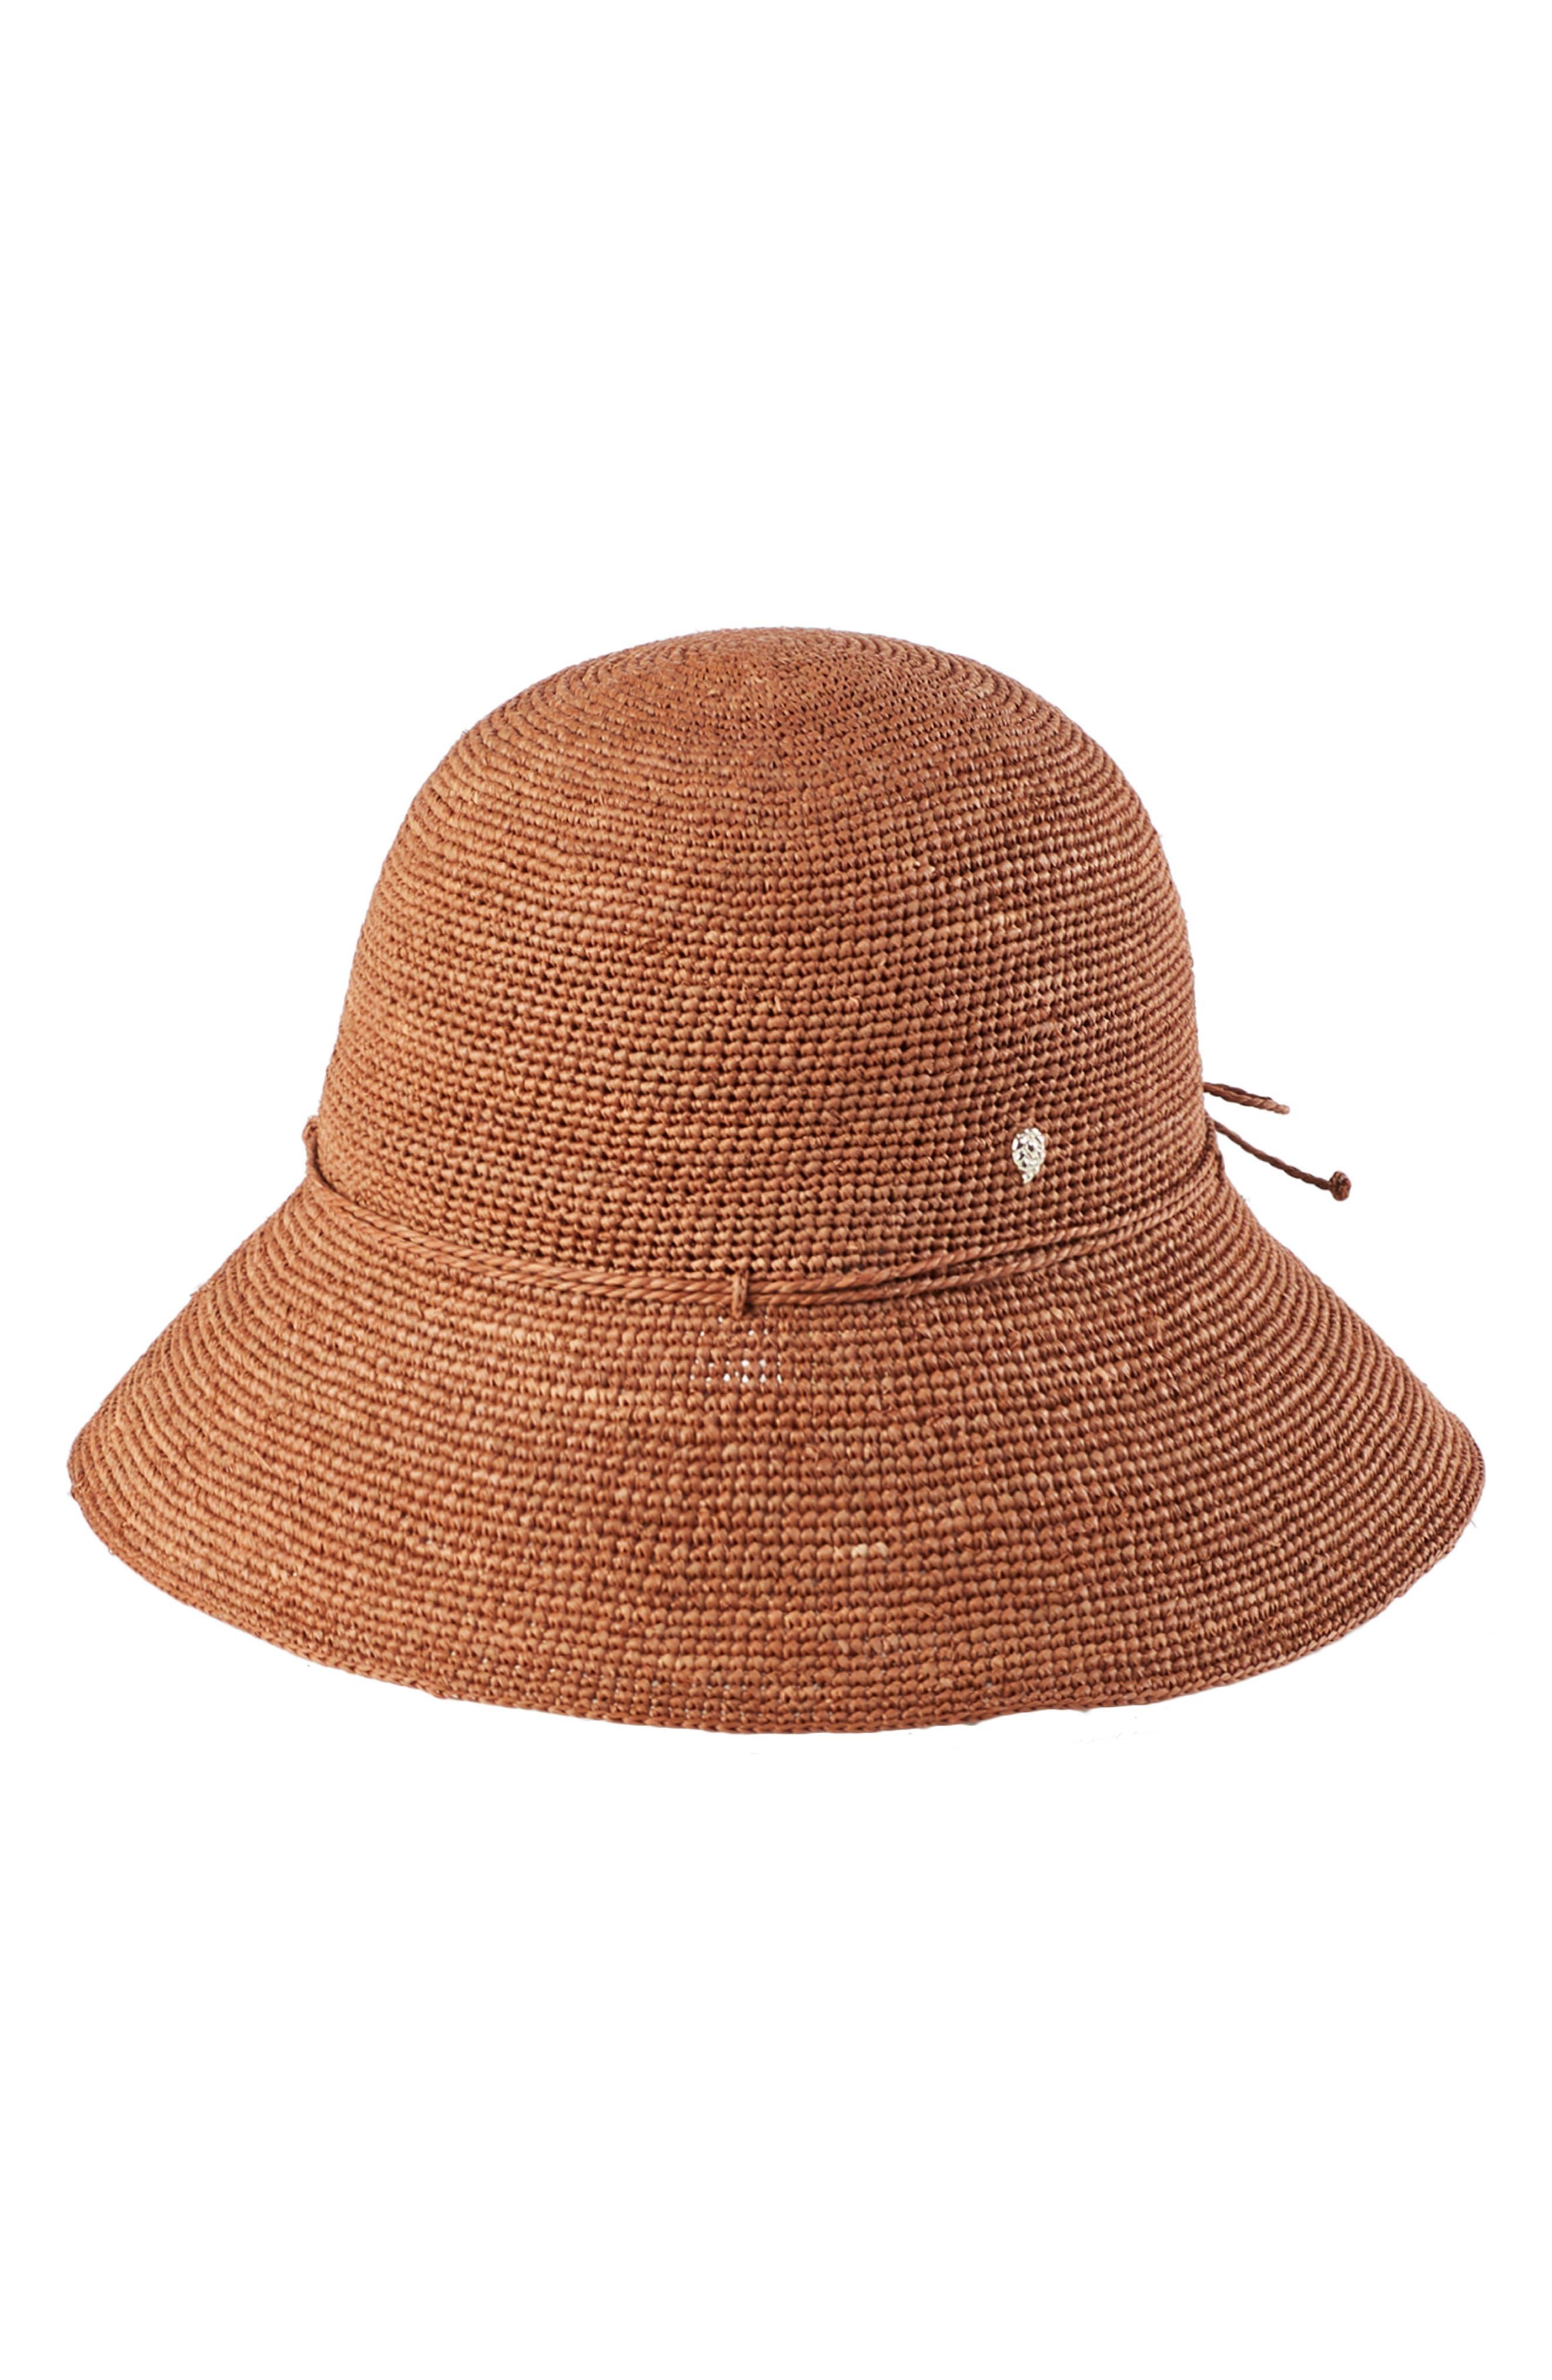 '9 Villa' Raffia Straw Hat, Main, color, DARK MAPLE